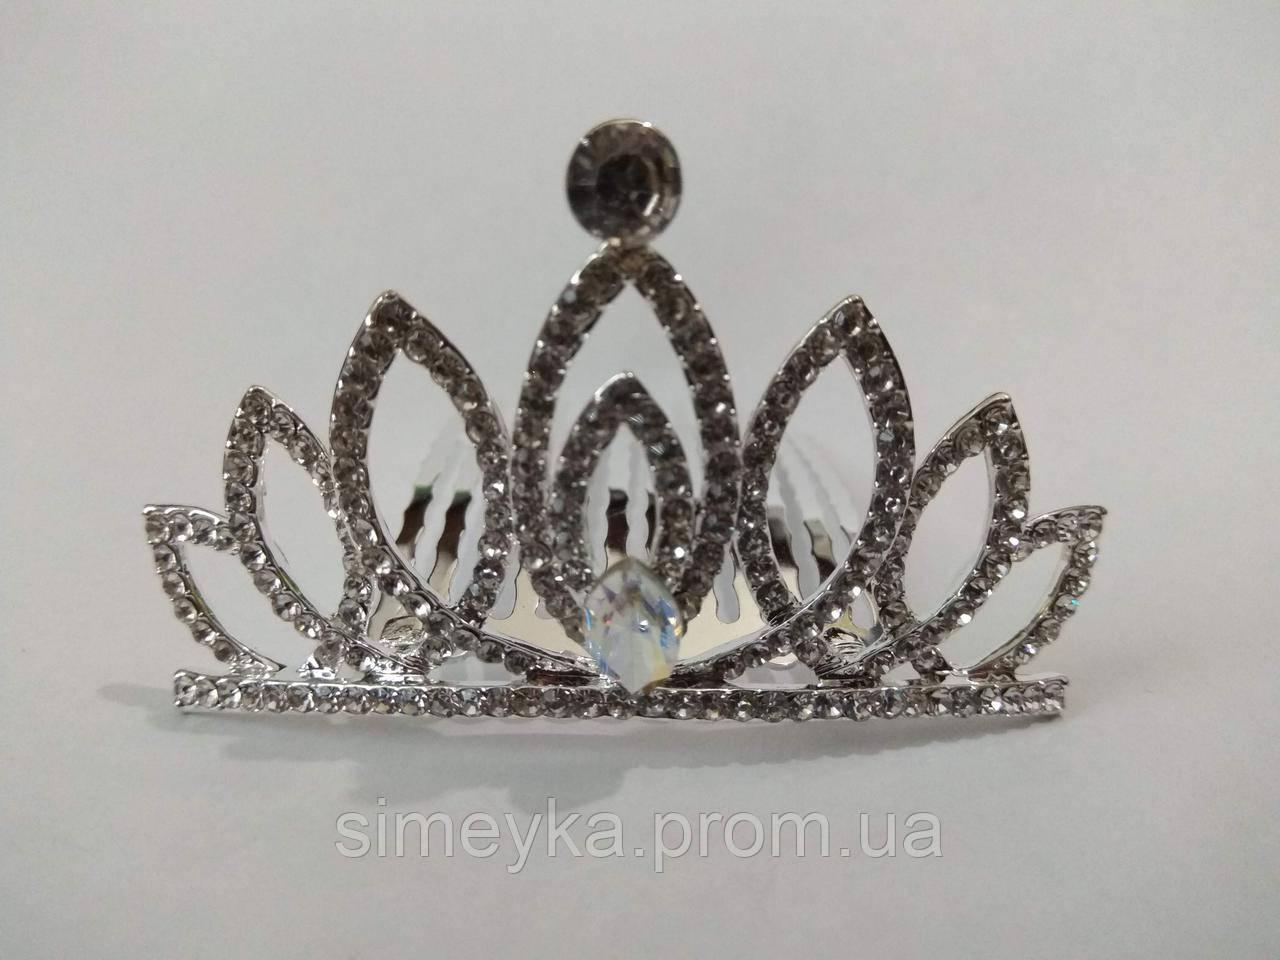 Діадема (корона, тіара) на гребінці, довжина 6,5 см, висота 3,7 см